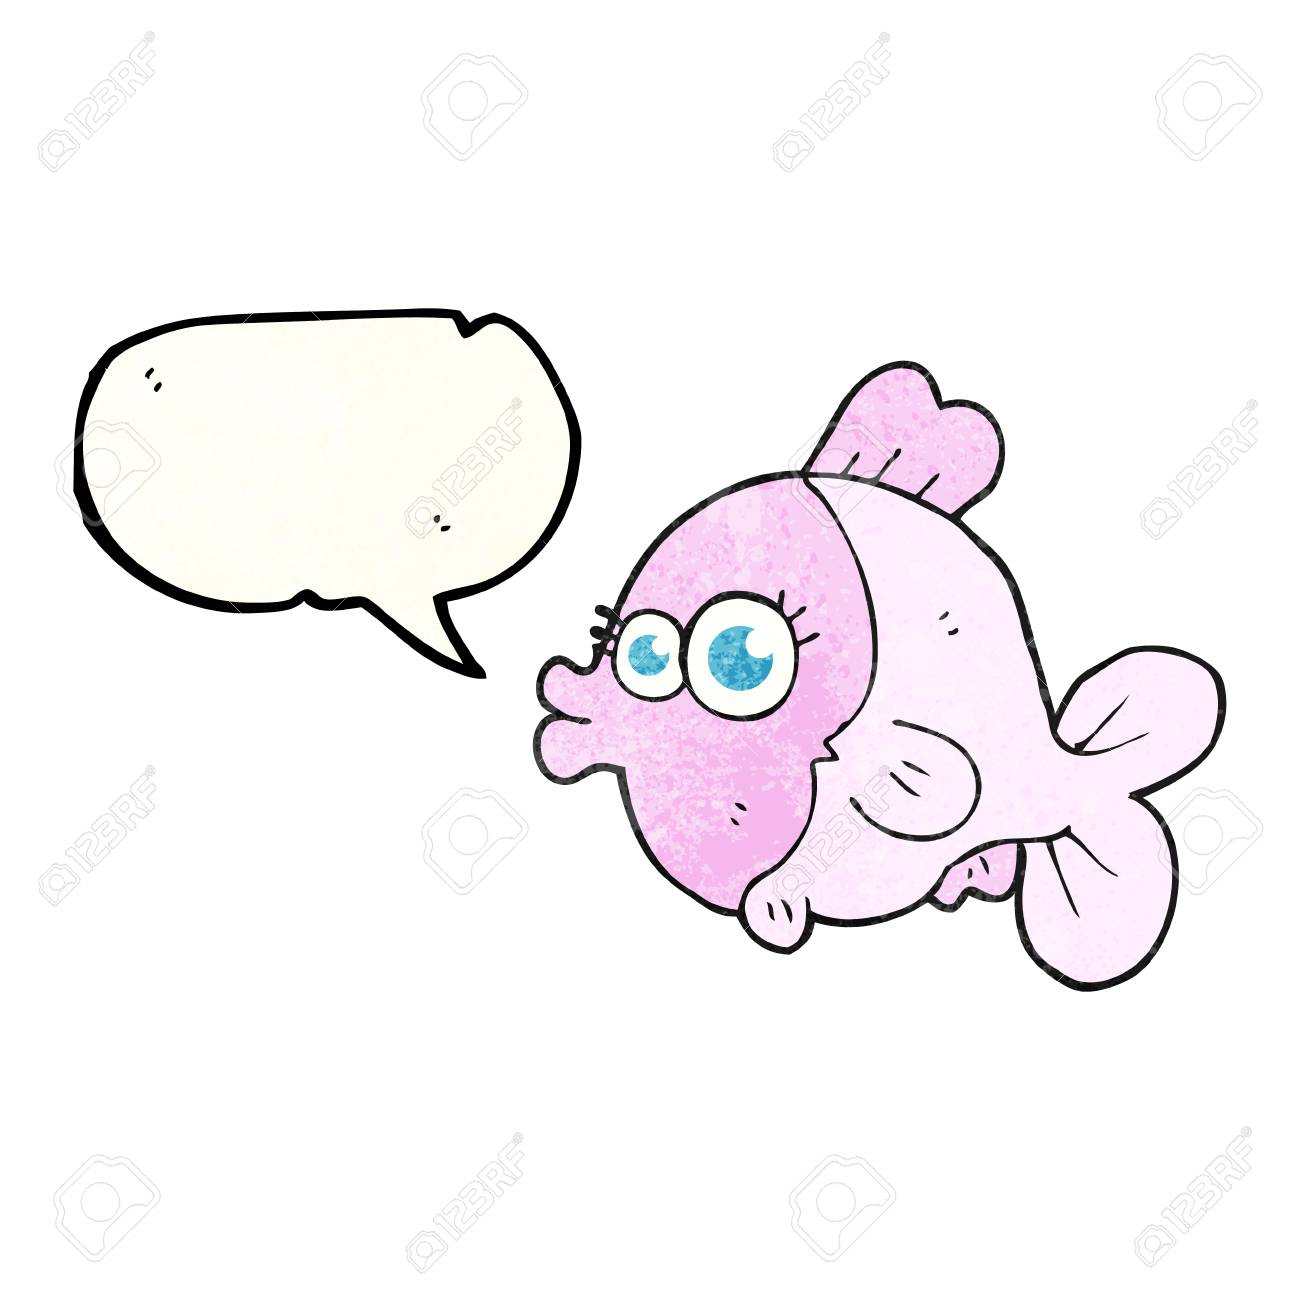 大きなかわいい目でフリーハンドの滑稽なスピーチ泡テクスチャ漫画の魚